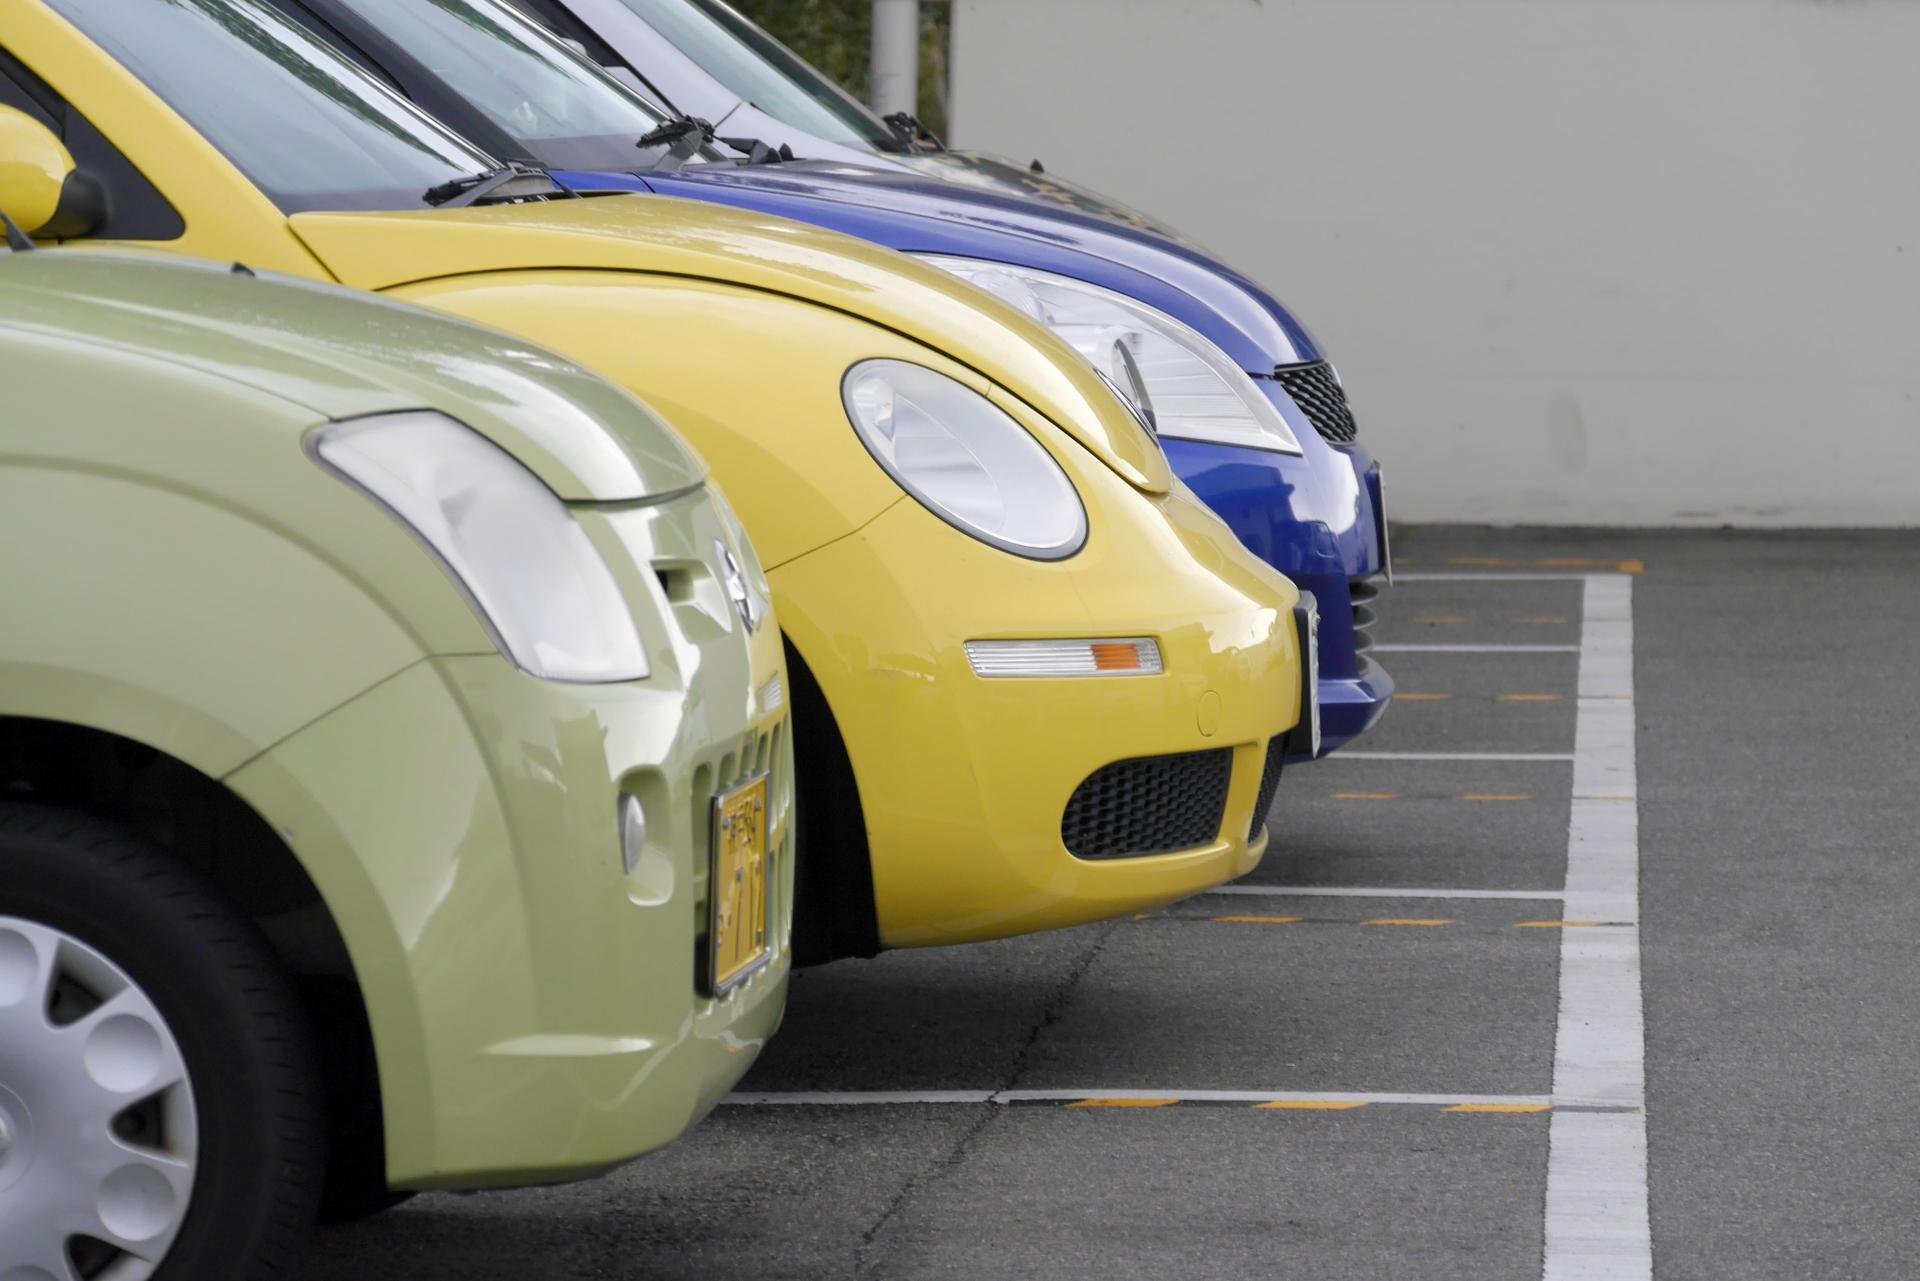 星ヶ丘テラスの駐車場まとめ!料金が安い&無料で駐車できる場所もあり!